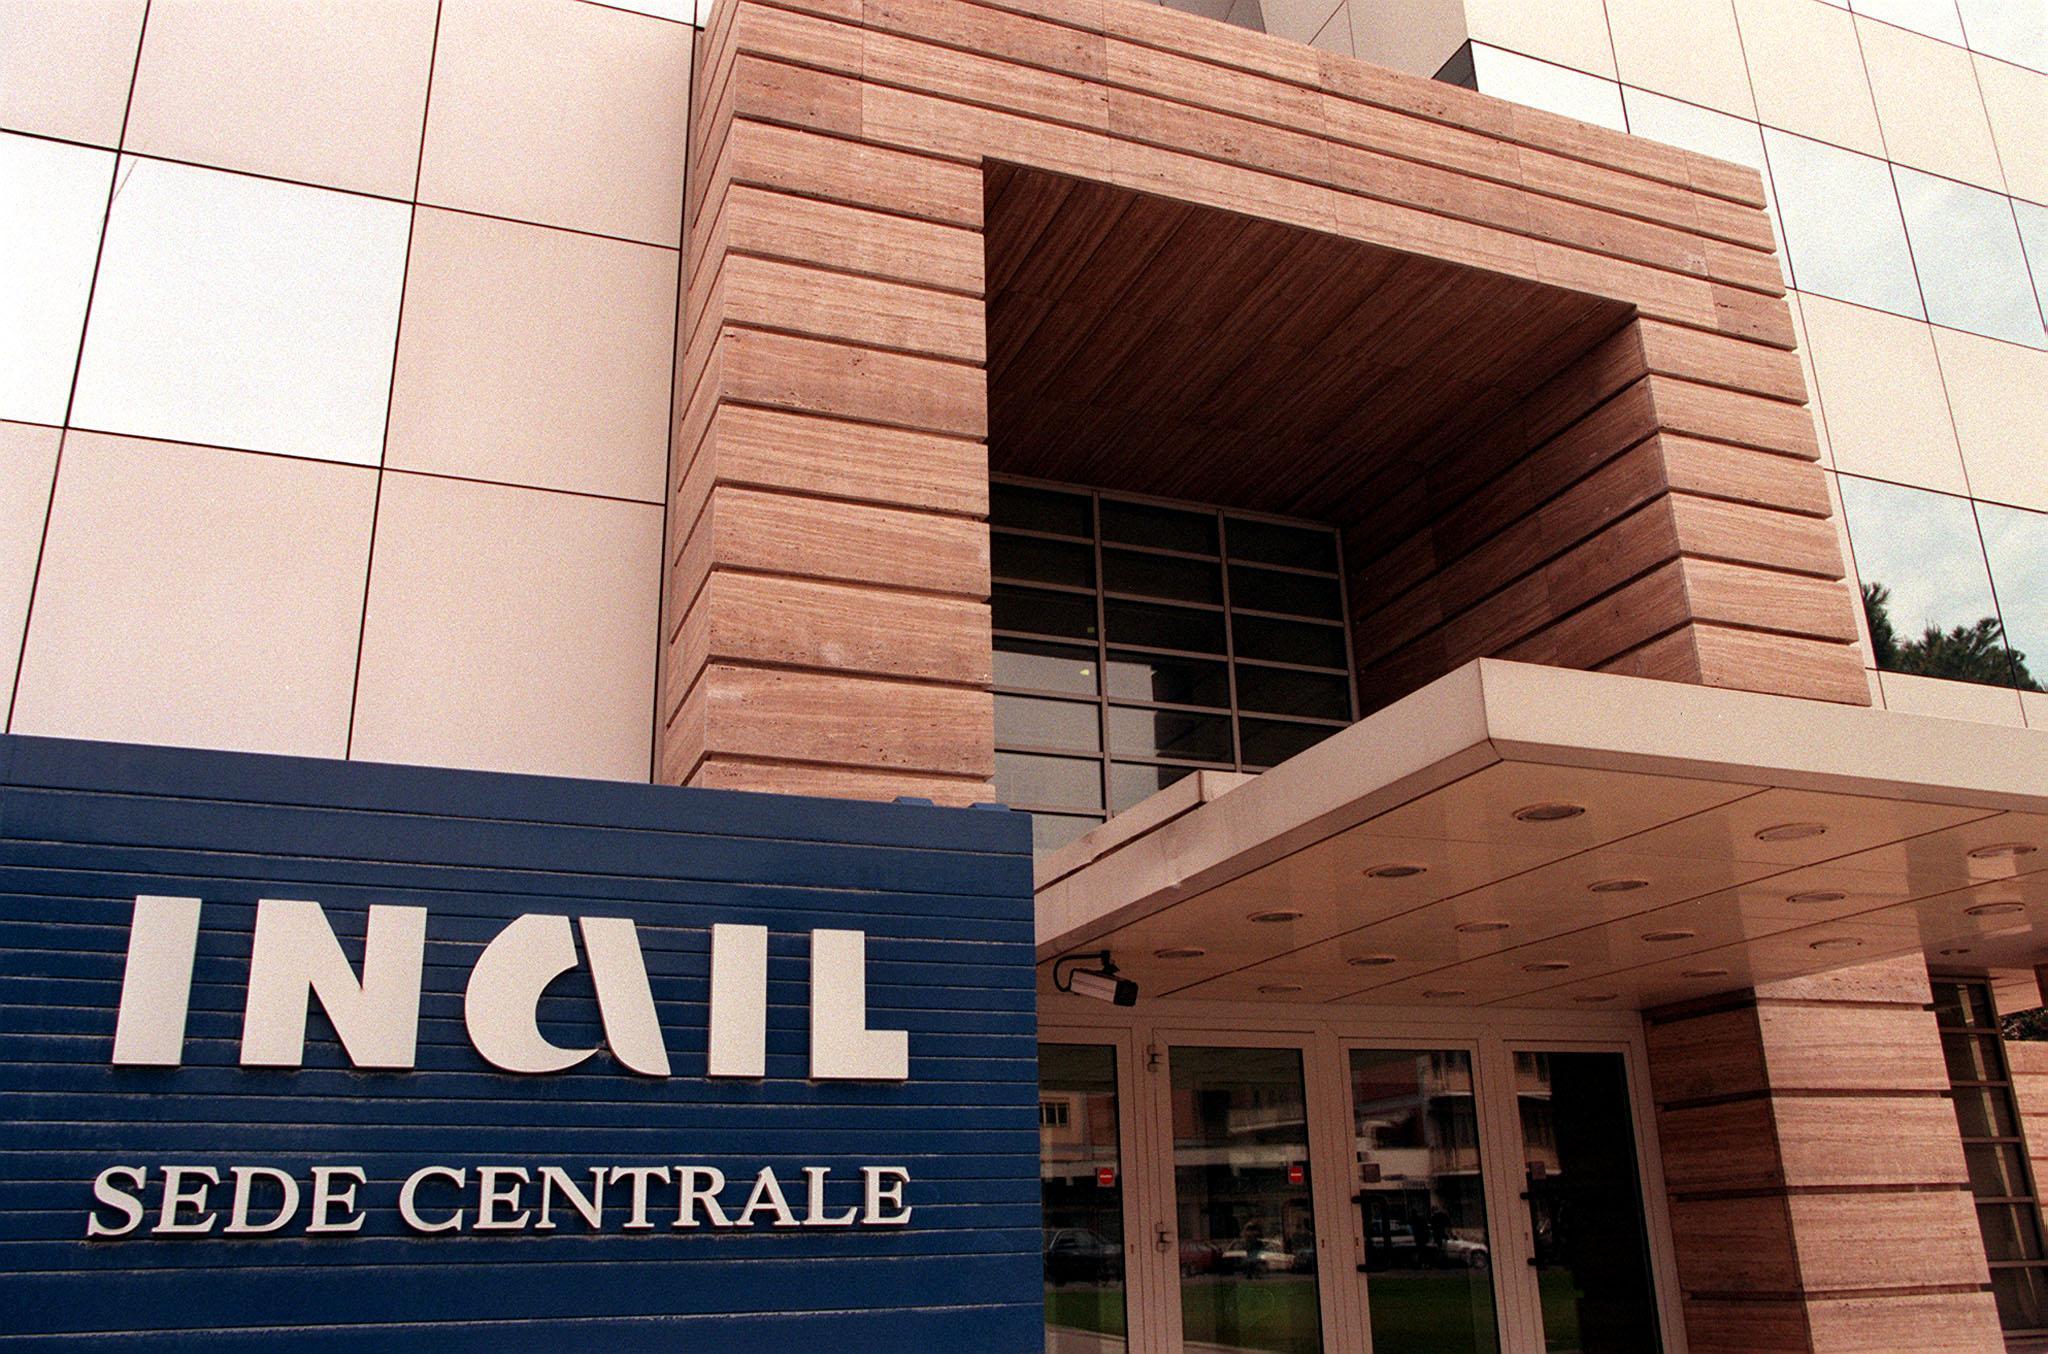 Inail, concorso pubblico per assunzioni di tecnici e ingegneri